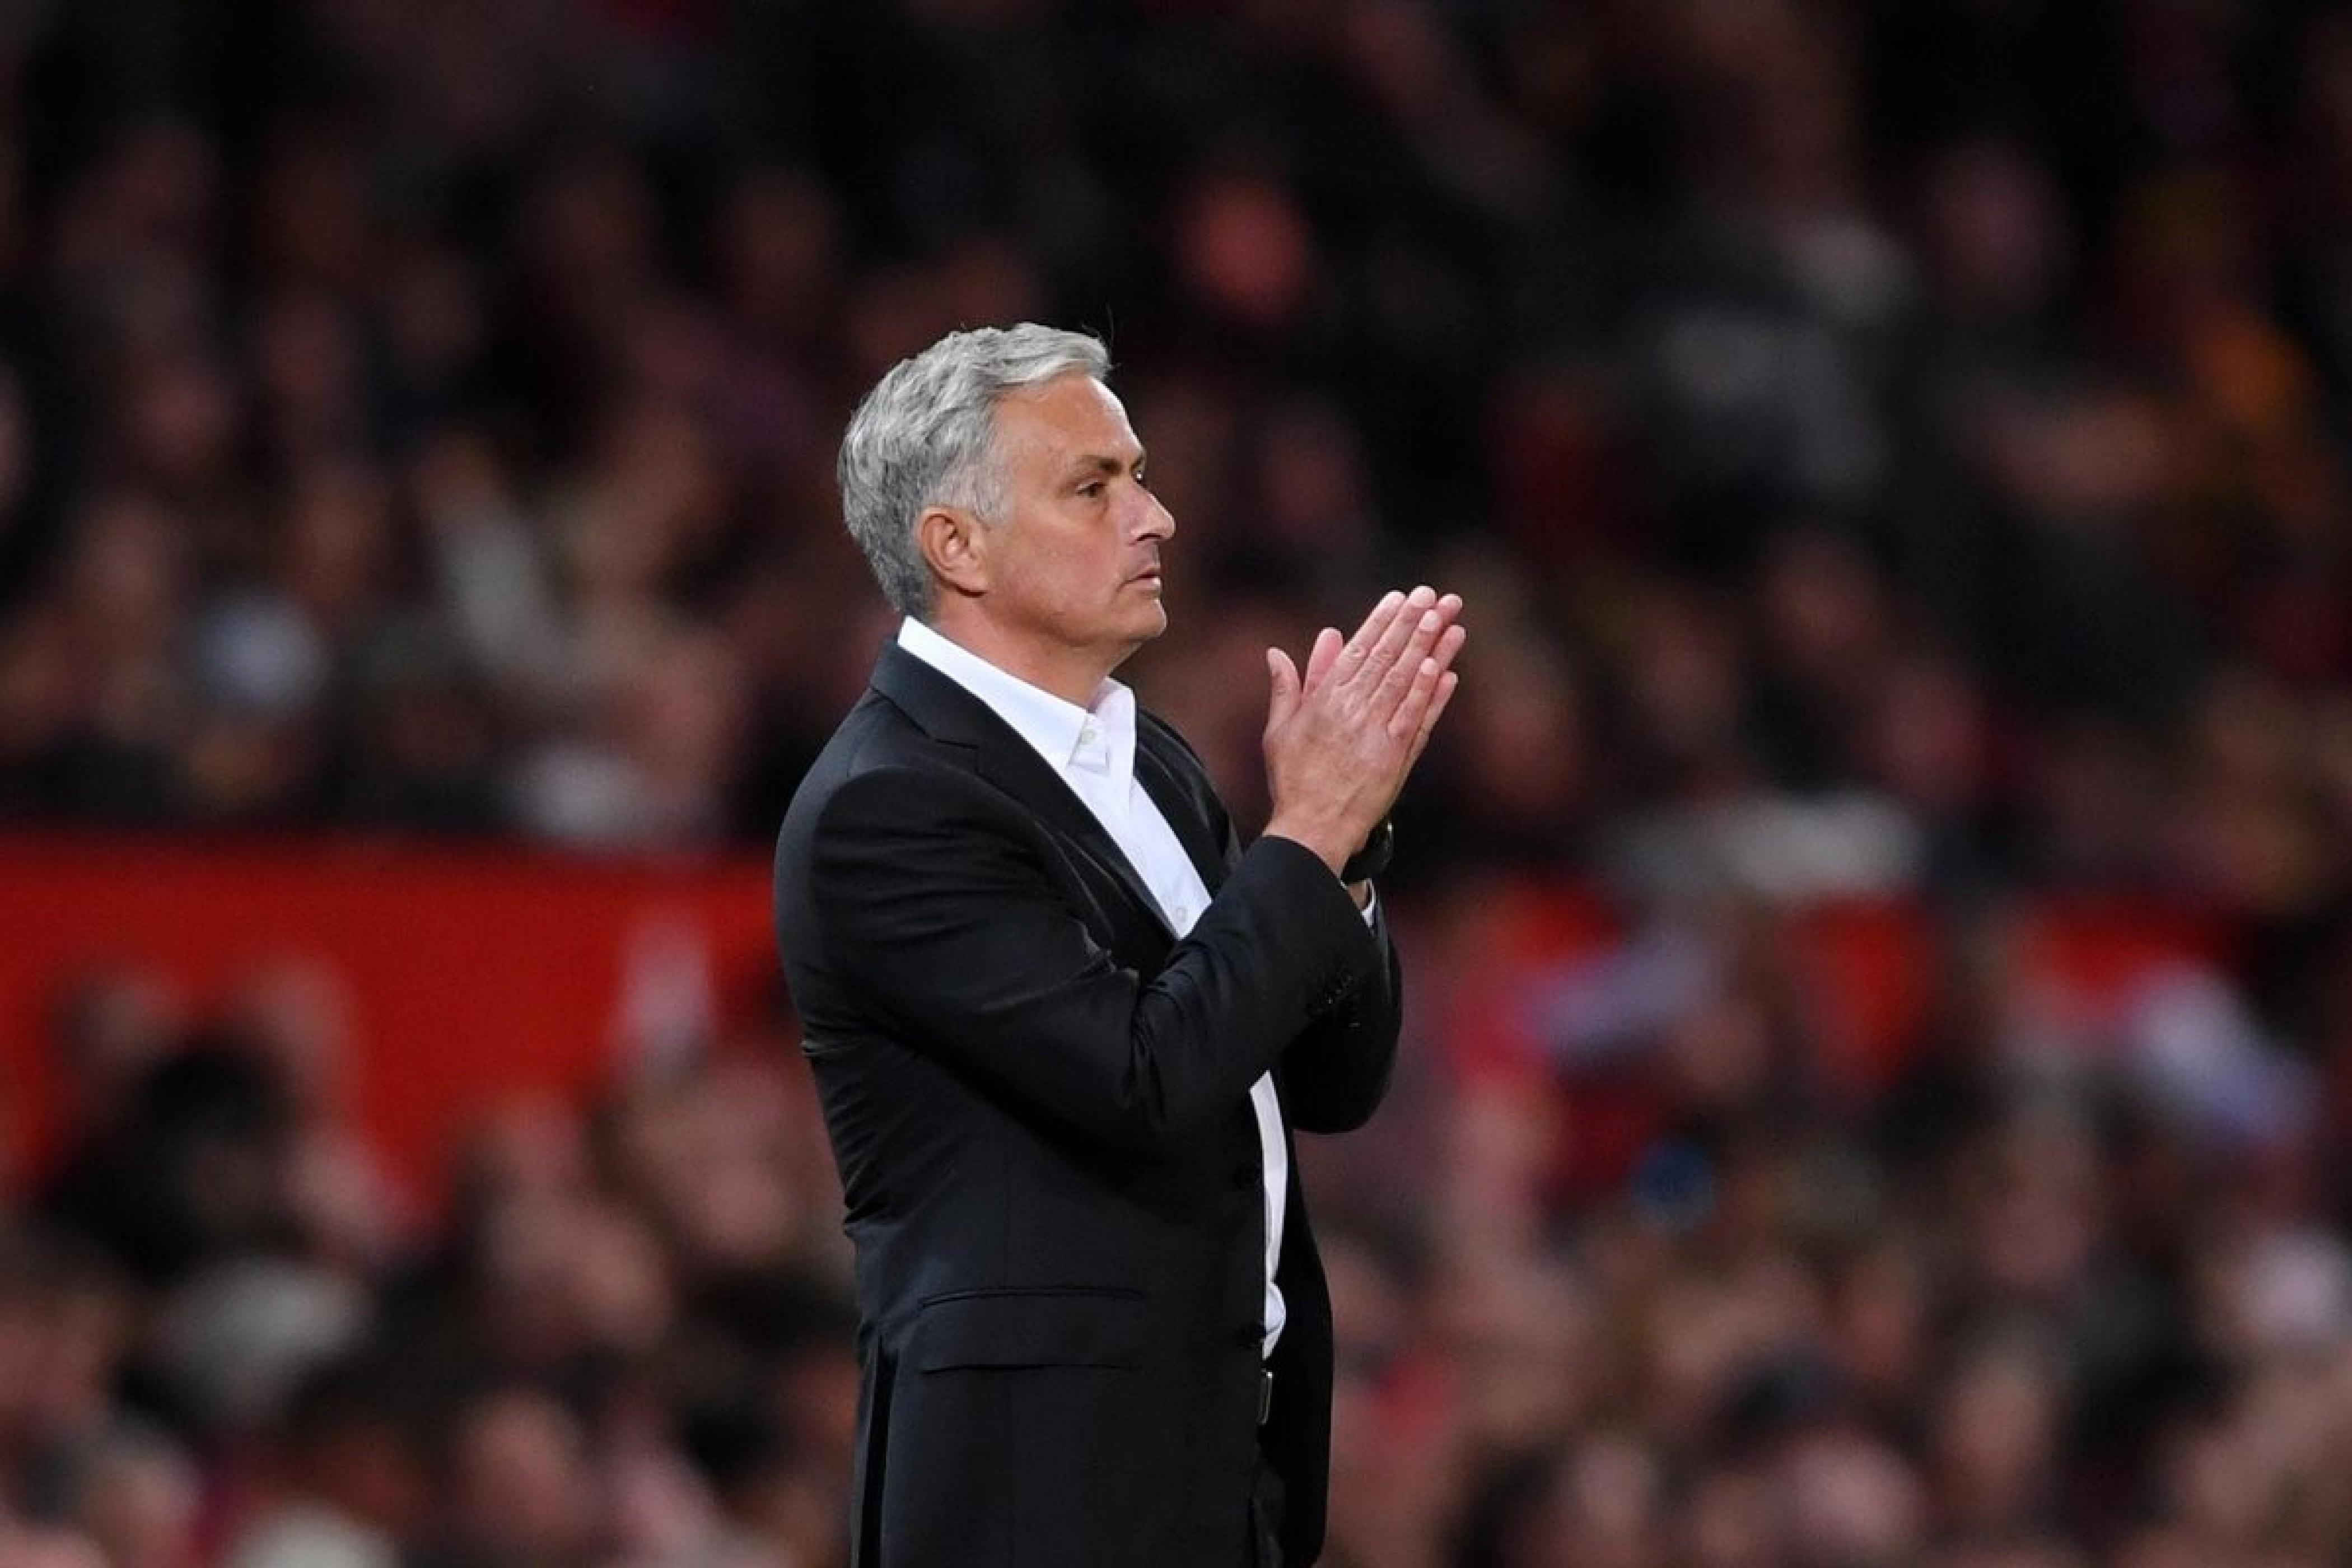 Champions League - Young Boys vs Manchester United, Mourinho parte dalla Svizzera